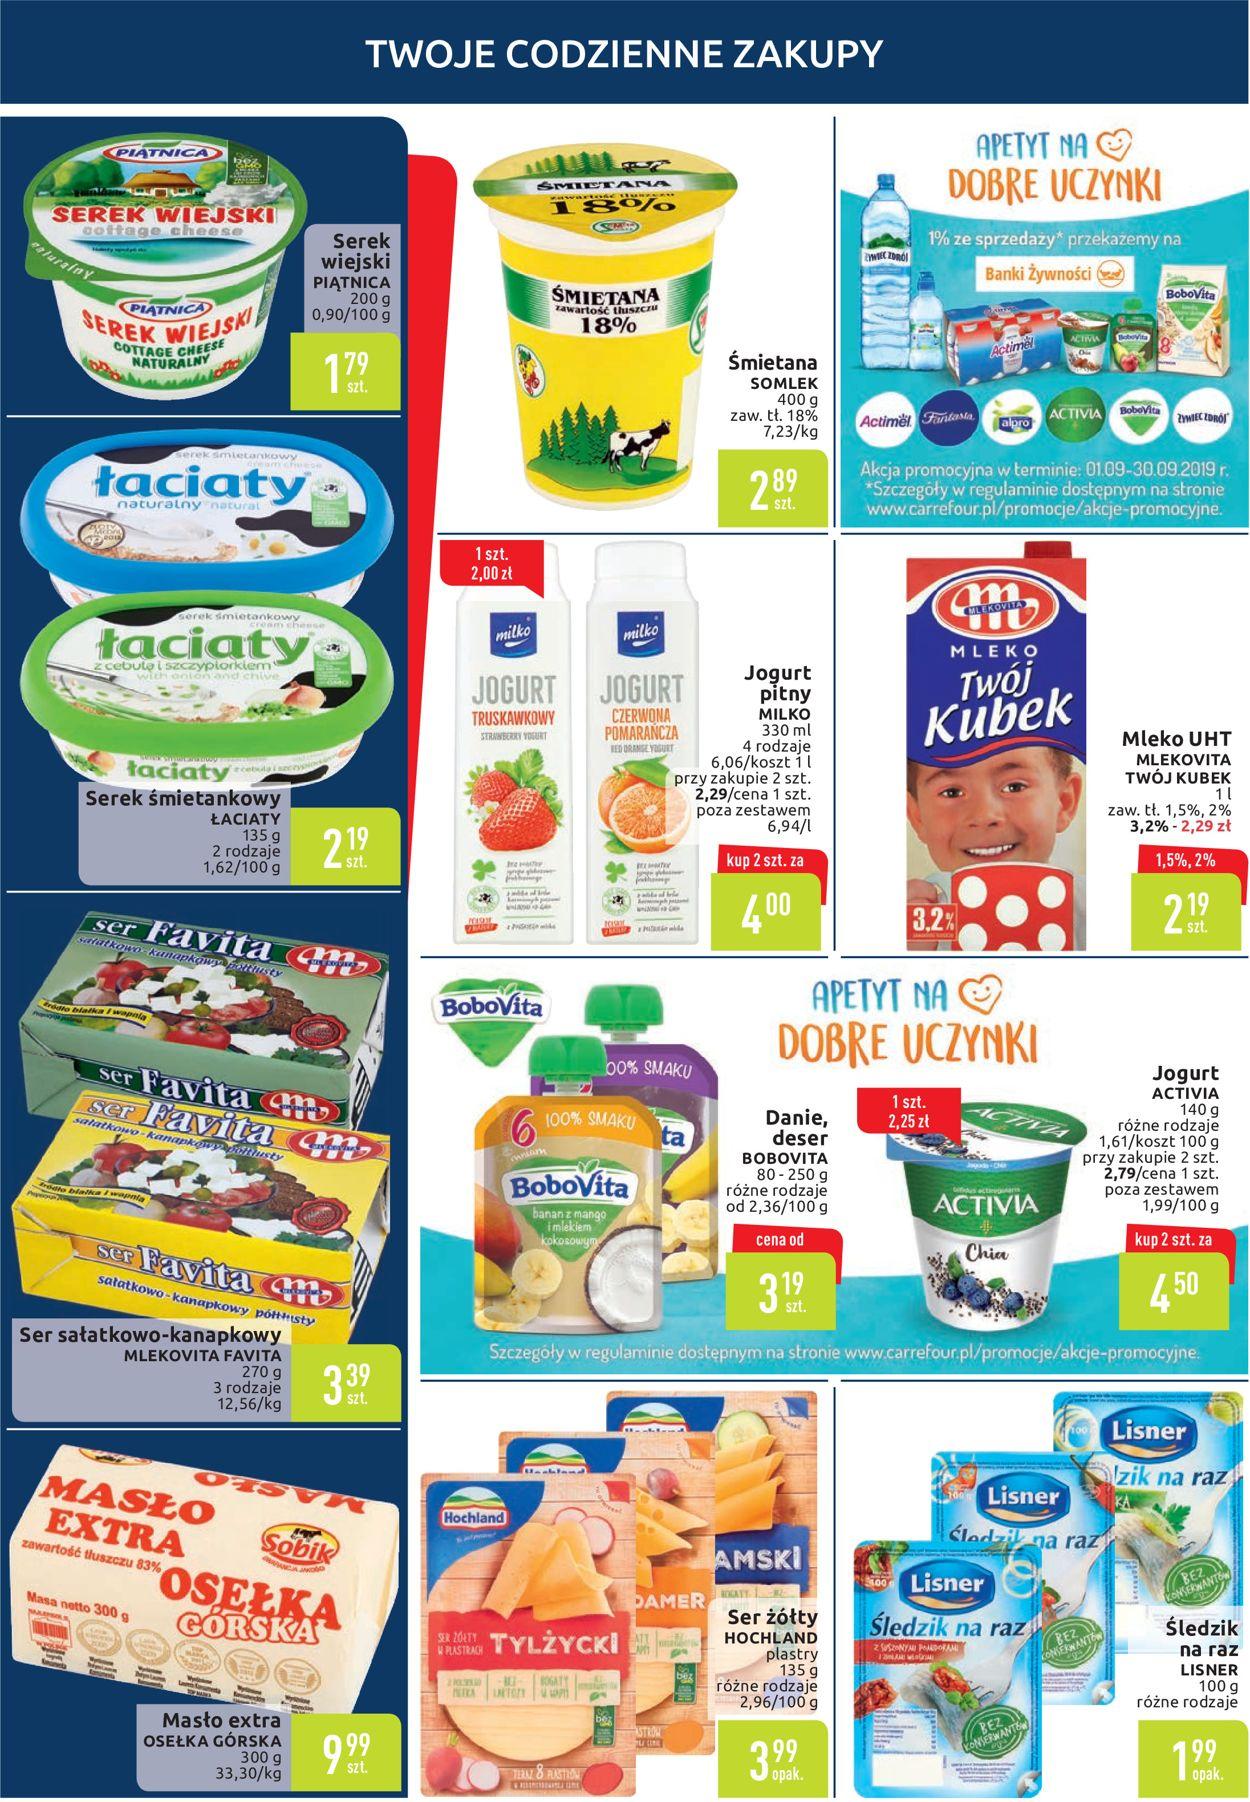 Gazetka promocyjna Carrefour - 10.09-16.09.2019 (Strona 2)